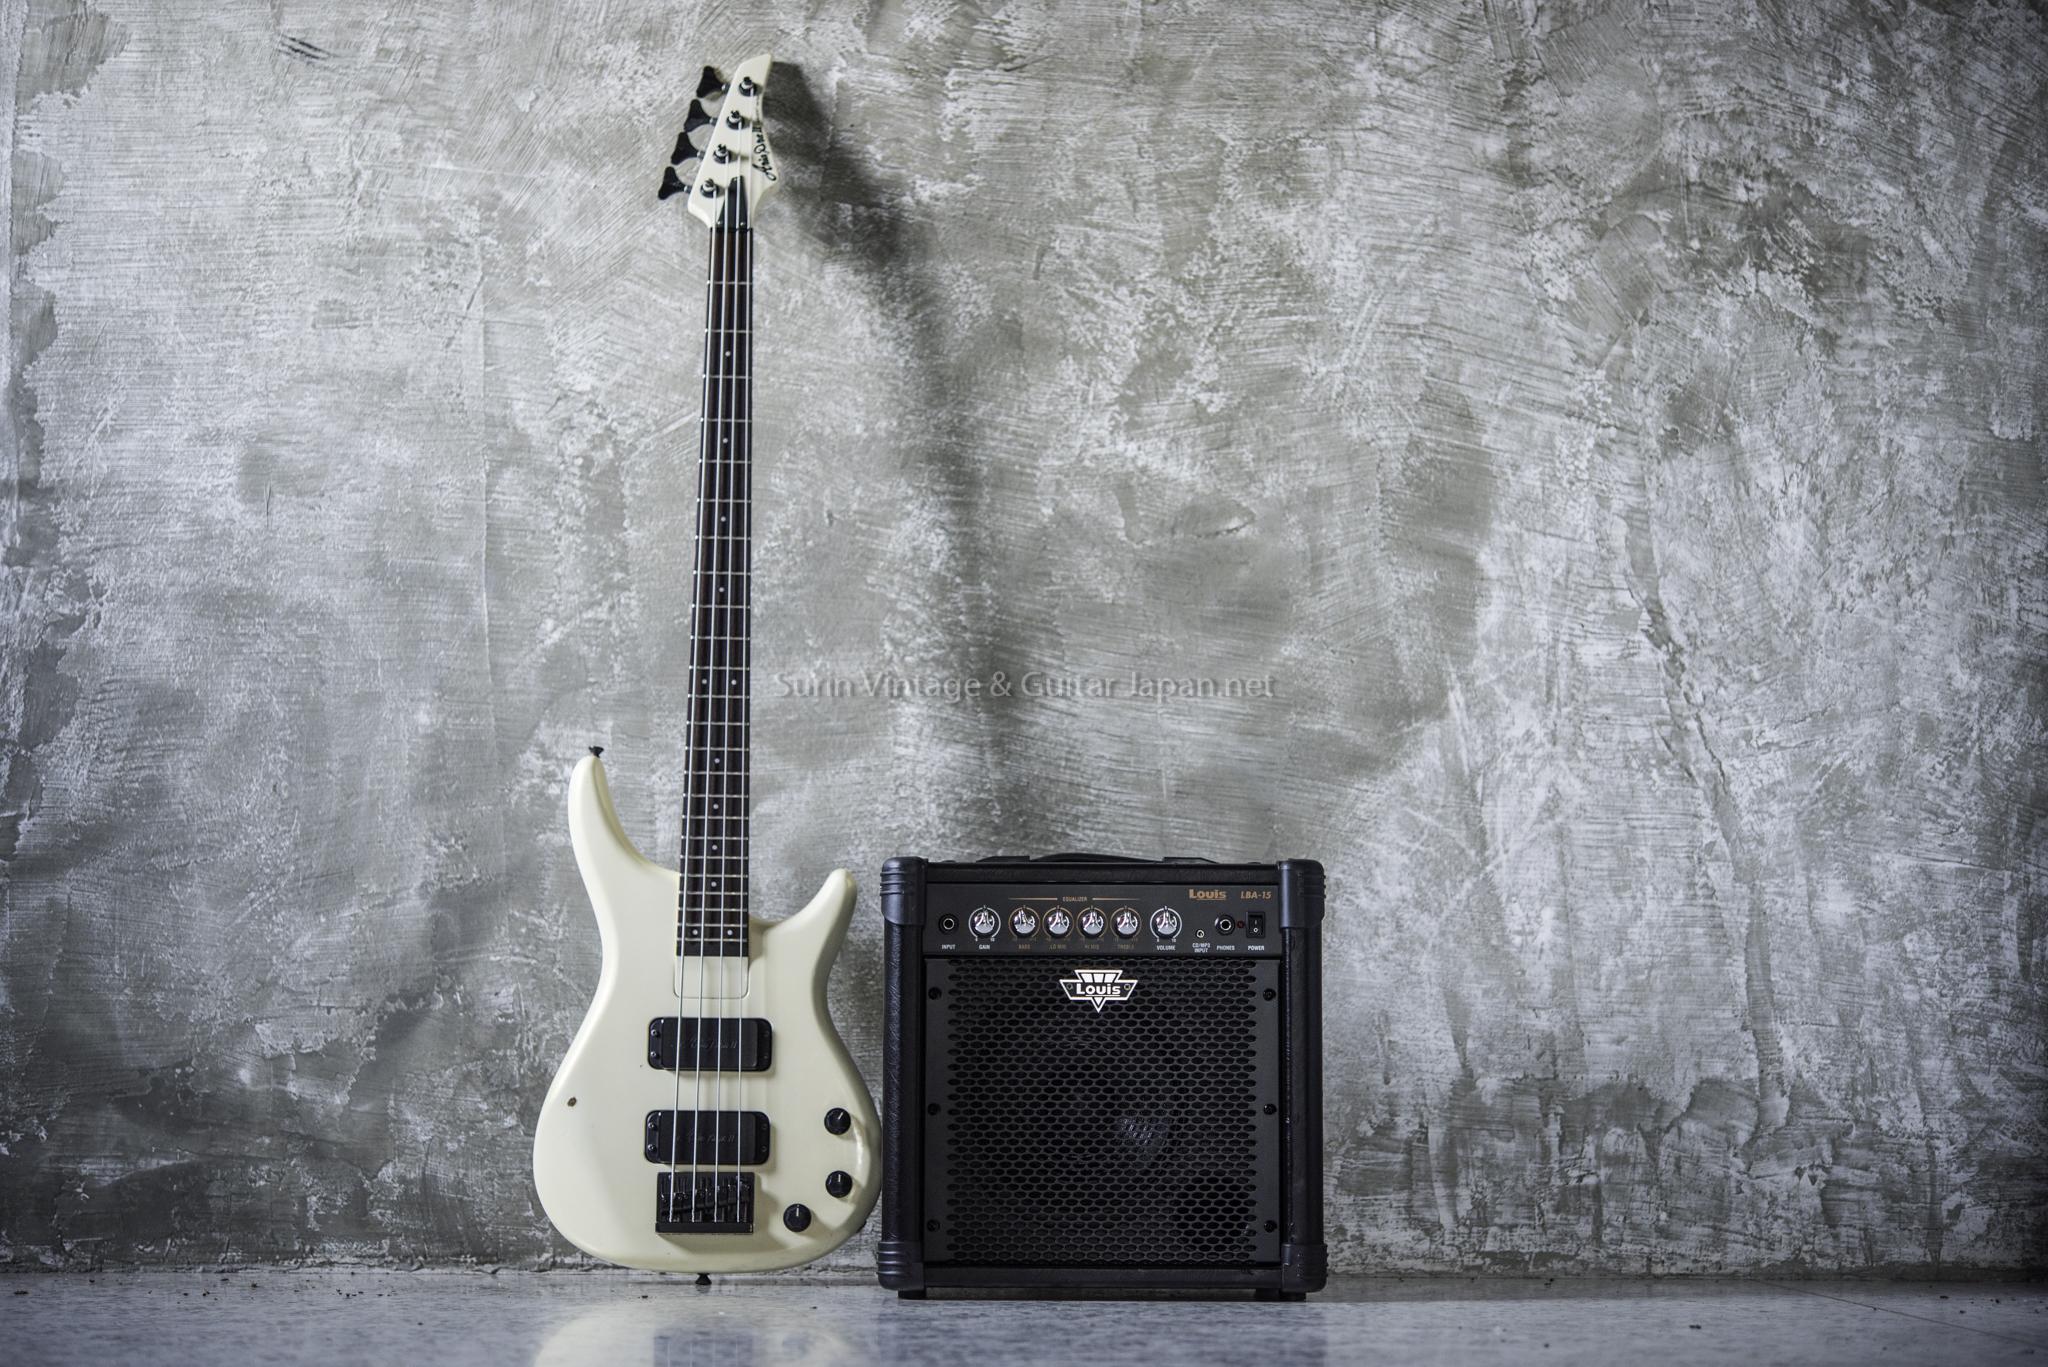 แอมป์เบสไฟฟ้ามือสอง Louis LBA-15 bass Amp